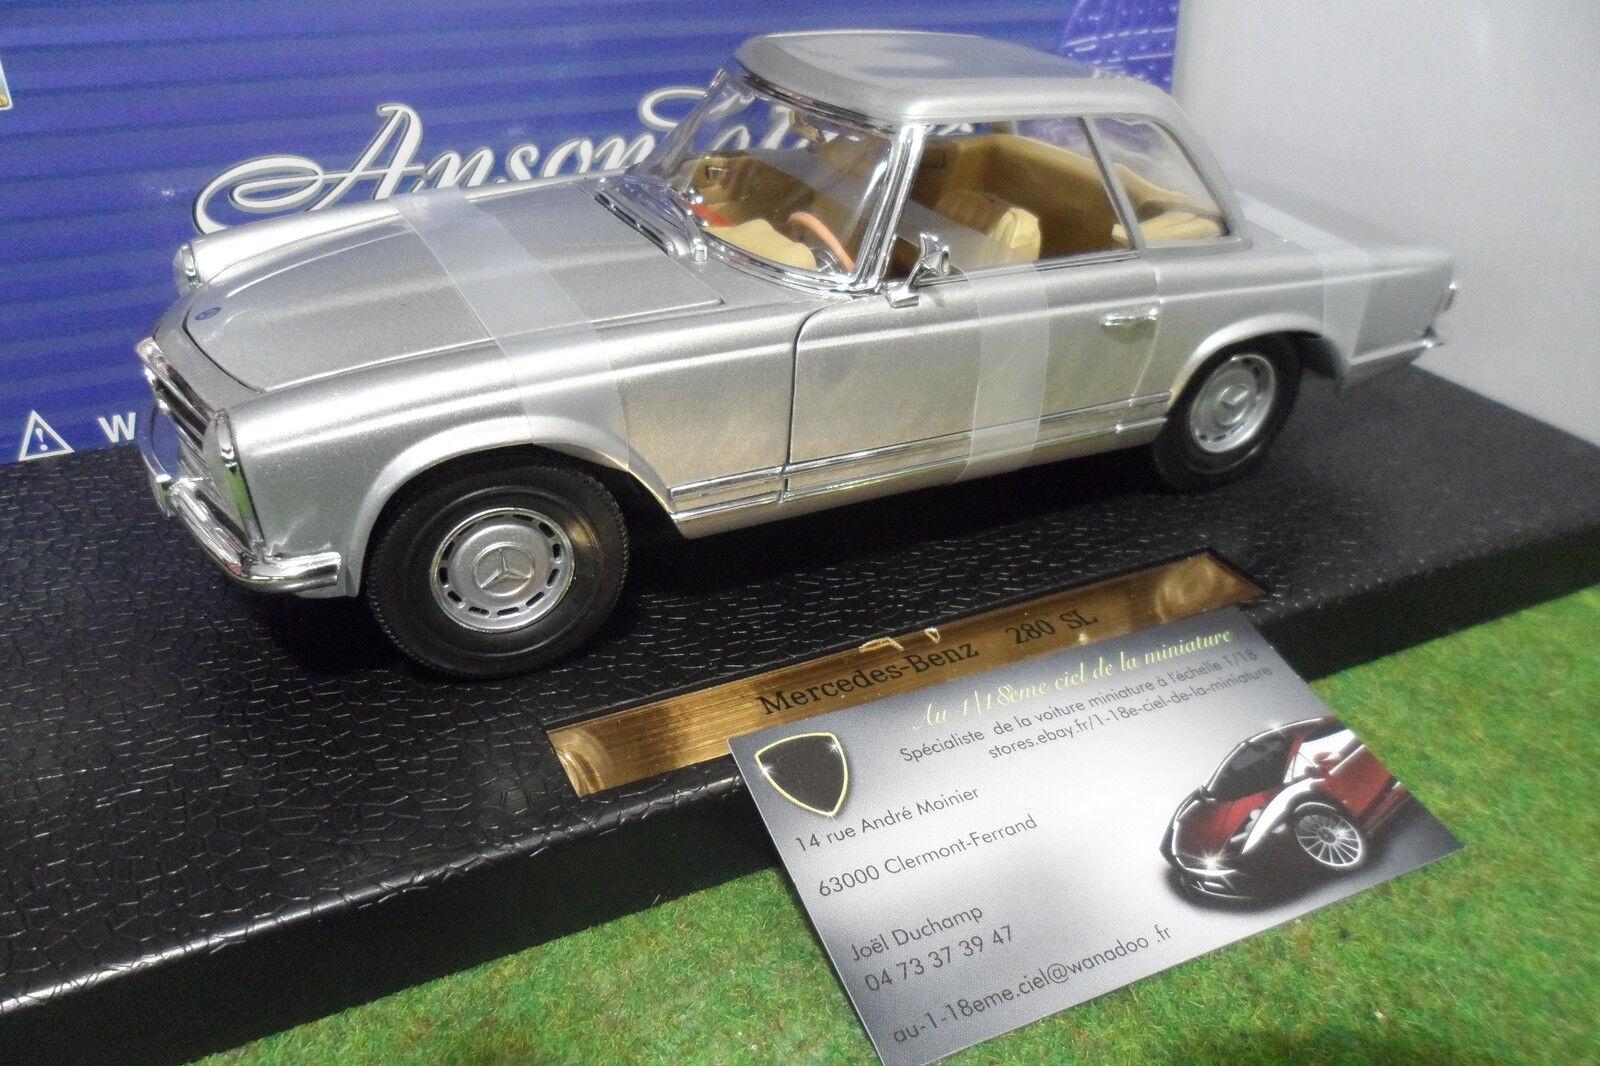 MERCEDES  BENZ  280 SL cabriolet HT 1 18 ANSON 30380 voiture miniature collection  commander maintenant les prix les plus bas